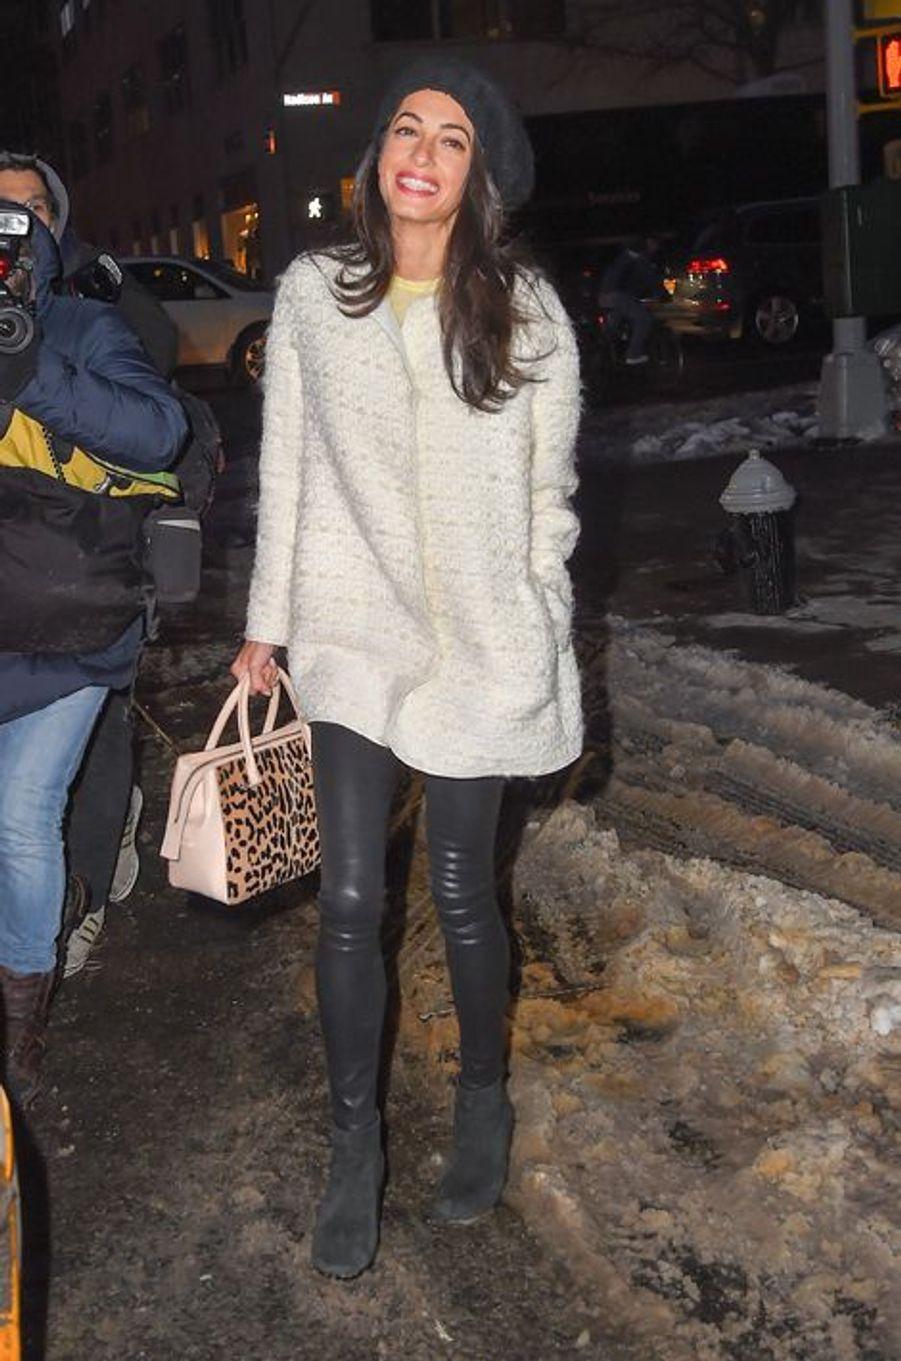 À l'occasion d'un énième rendez-vous avec George Clooney, la juriste libanno-britannique avait dégainé un sublime look hivernal : un manteau Giambattista Valli (1.880 euros) avec le sac assorti (2.500 euros), des bottines DKNY (270 euros) et un chapeau Dolce & Gabbana (270 euros). Un total de 4.920 euros de pièces griffées.